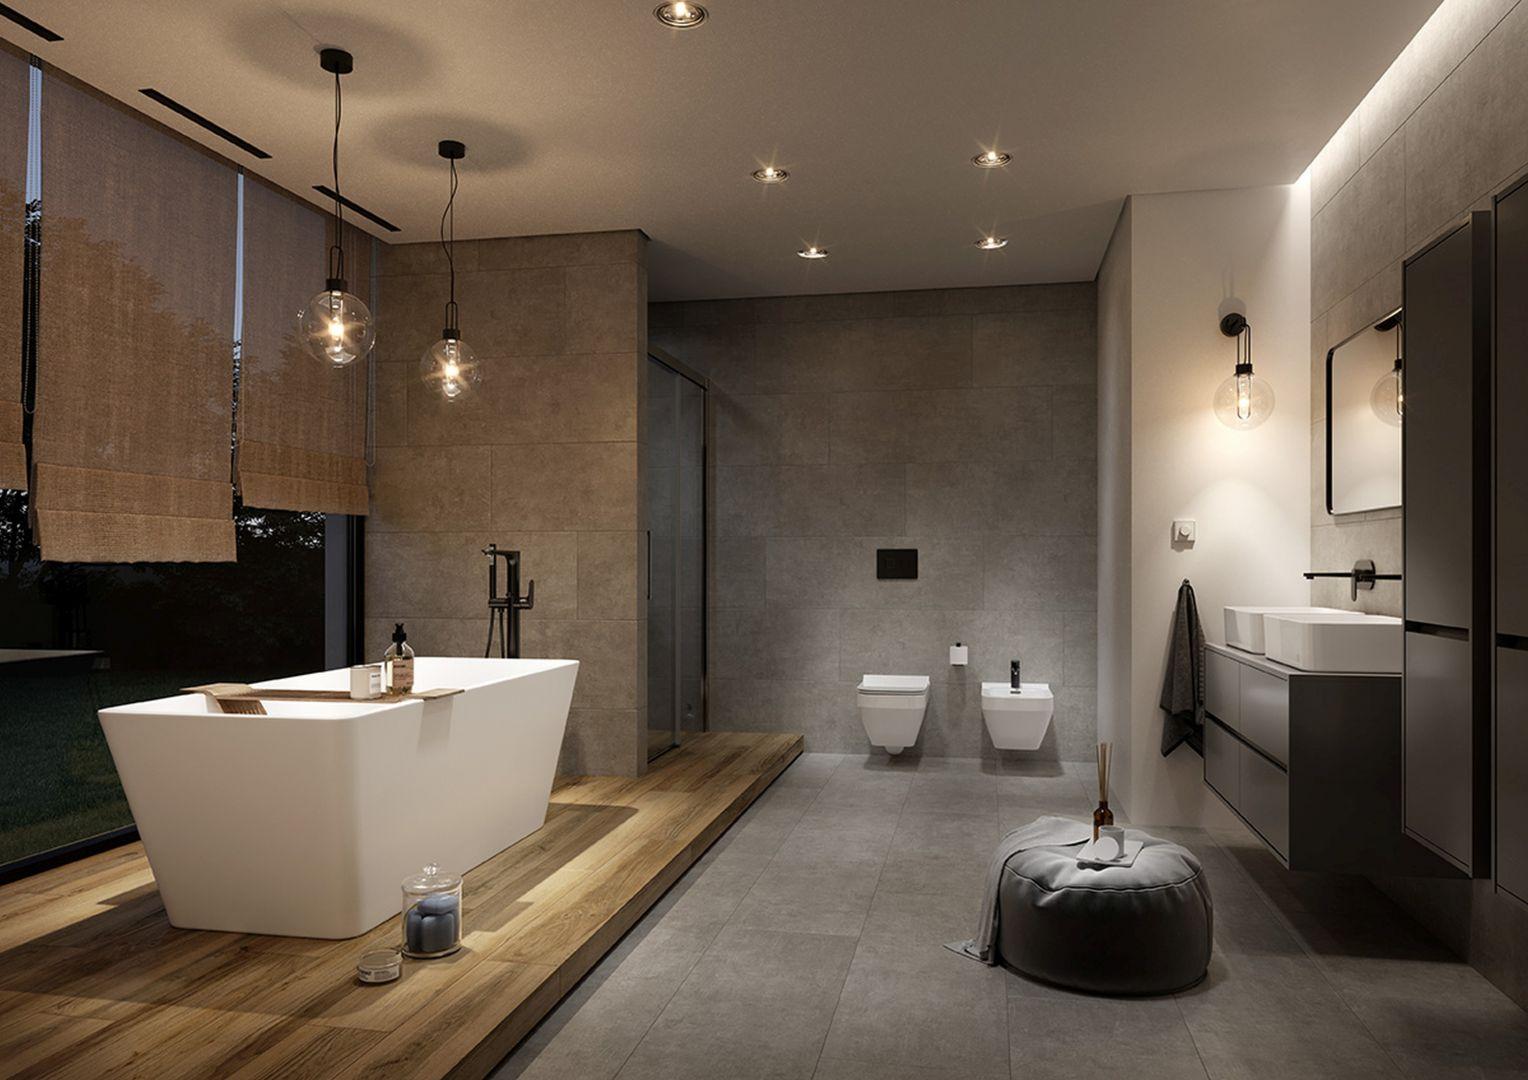 Meble łazienkowe z tej kolekcji charakteryzuje minimalistyczna, ponadczasowa forma i elegancki styl, otrzymany dzięki bezuchwytowym frontom. Fot. Cersanit